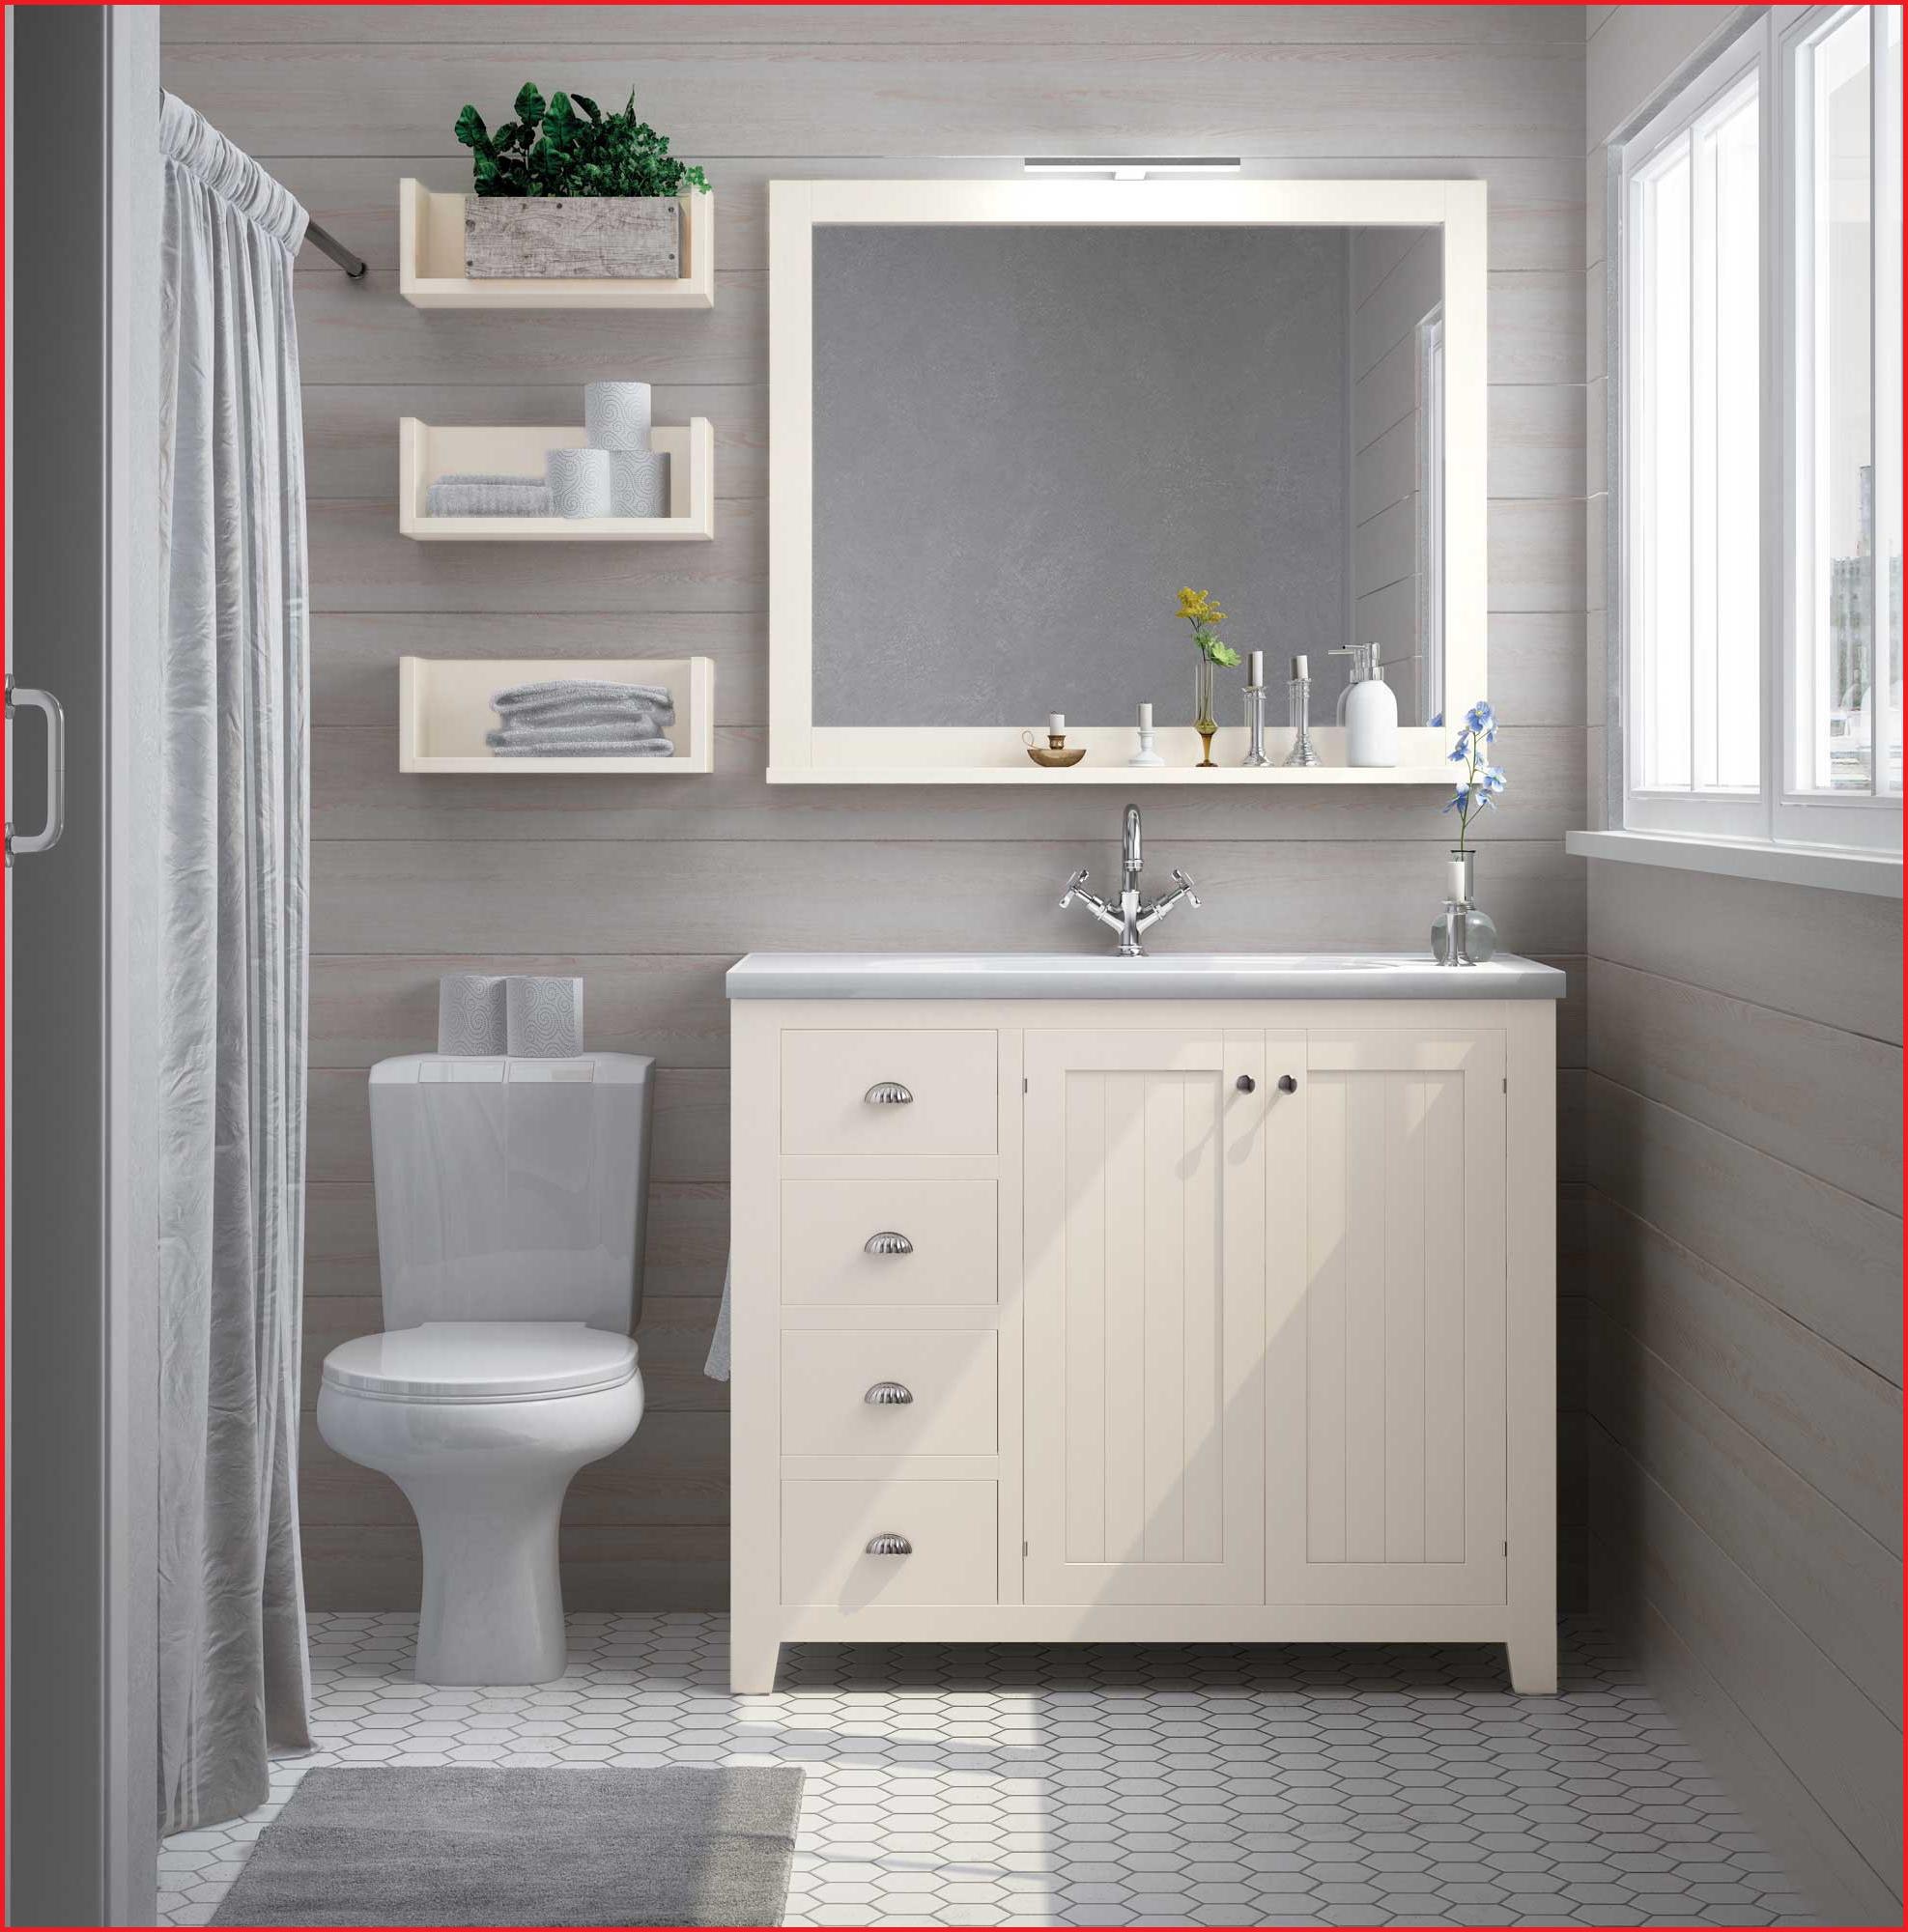 Muebles De Baño Blanco 8ydm Muebles De Baà O Estrechos Mueble BaO Blanco Armarios Para Ba